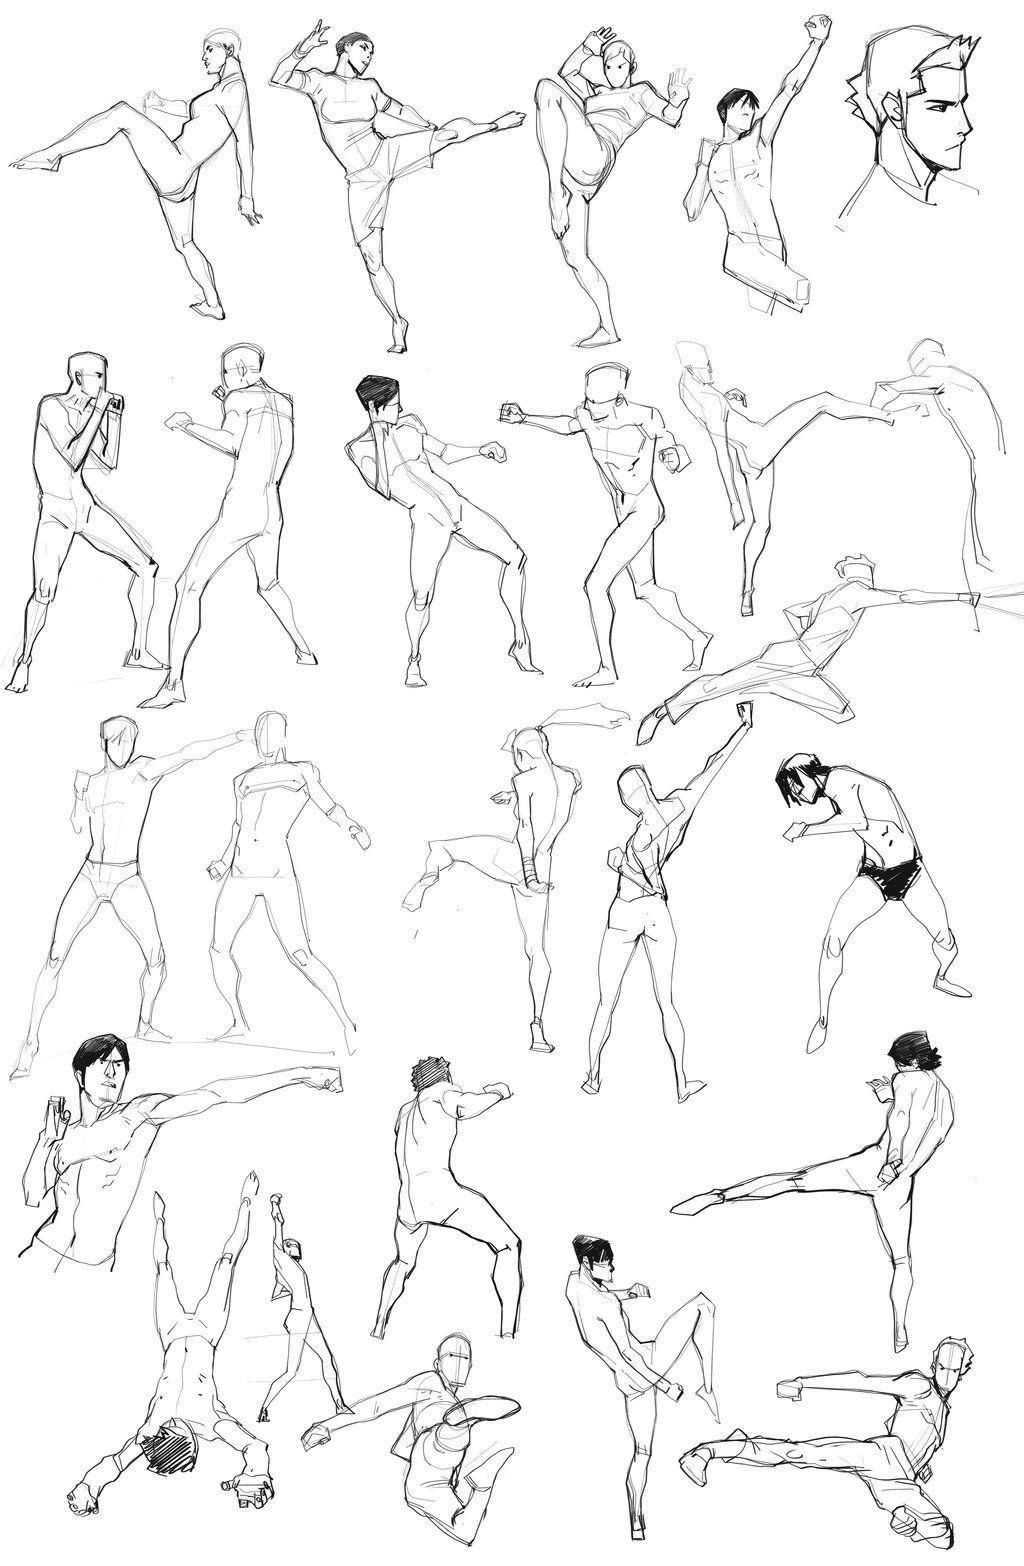 Daily Doodle 02 By Blacksataguni On Deviantart Gt Gt Action